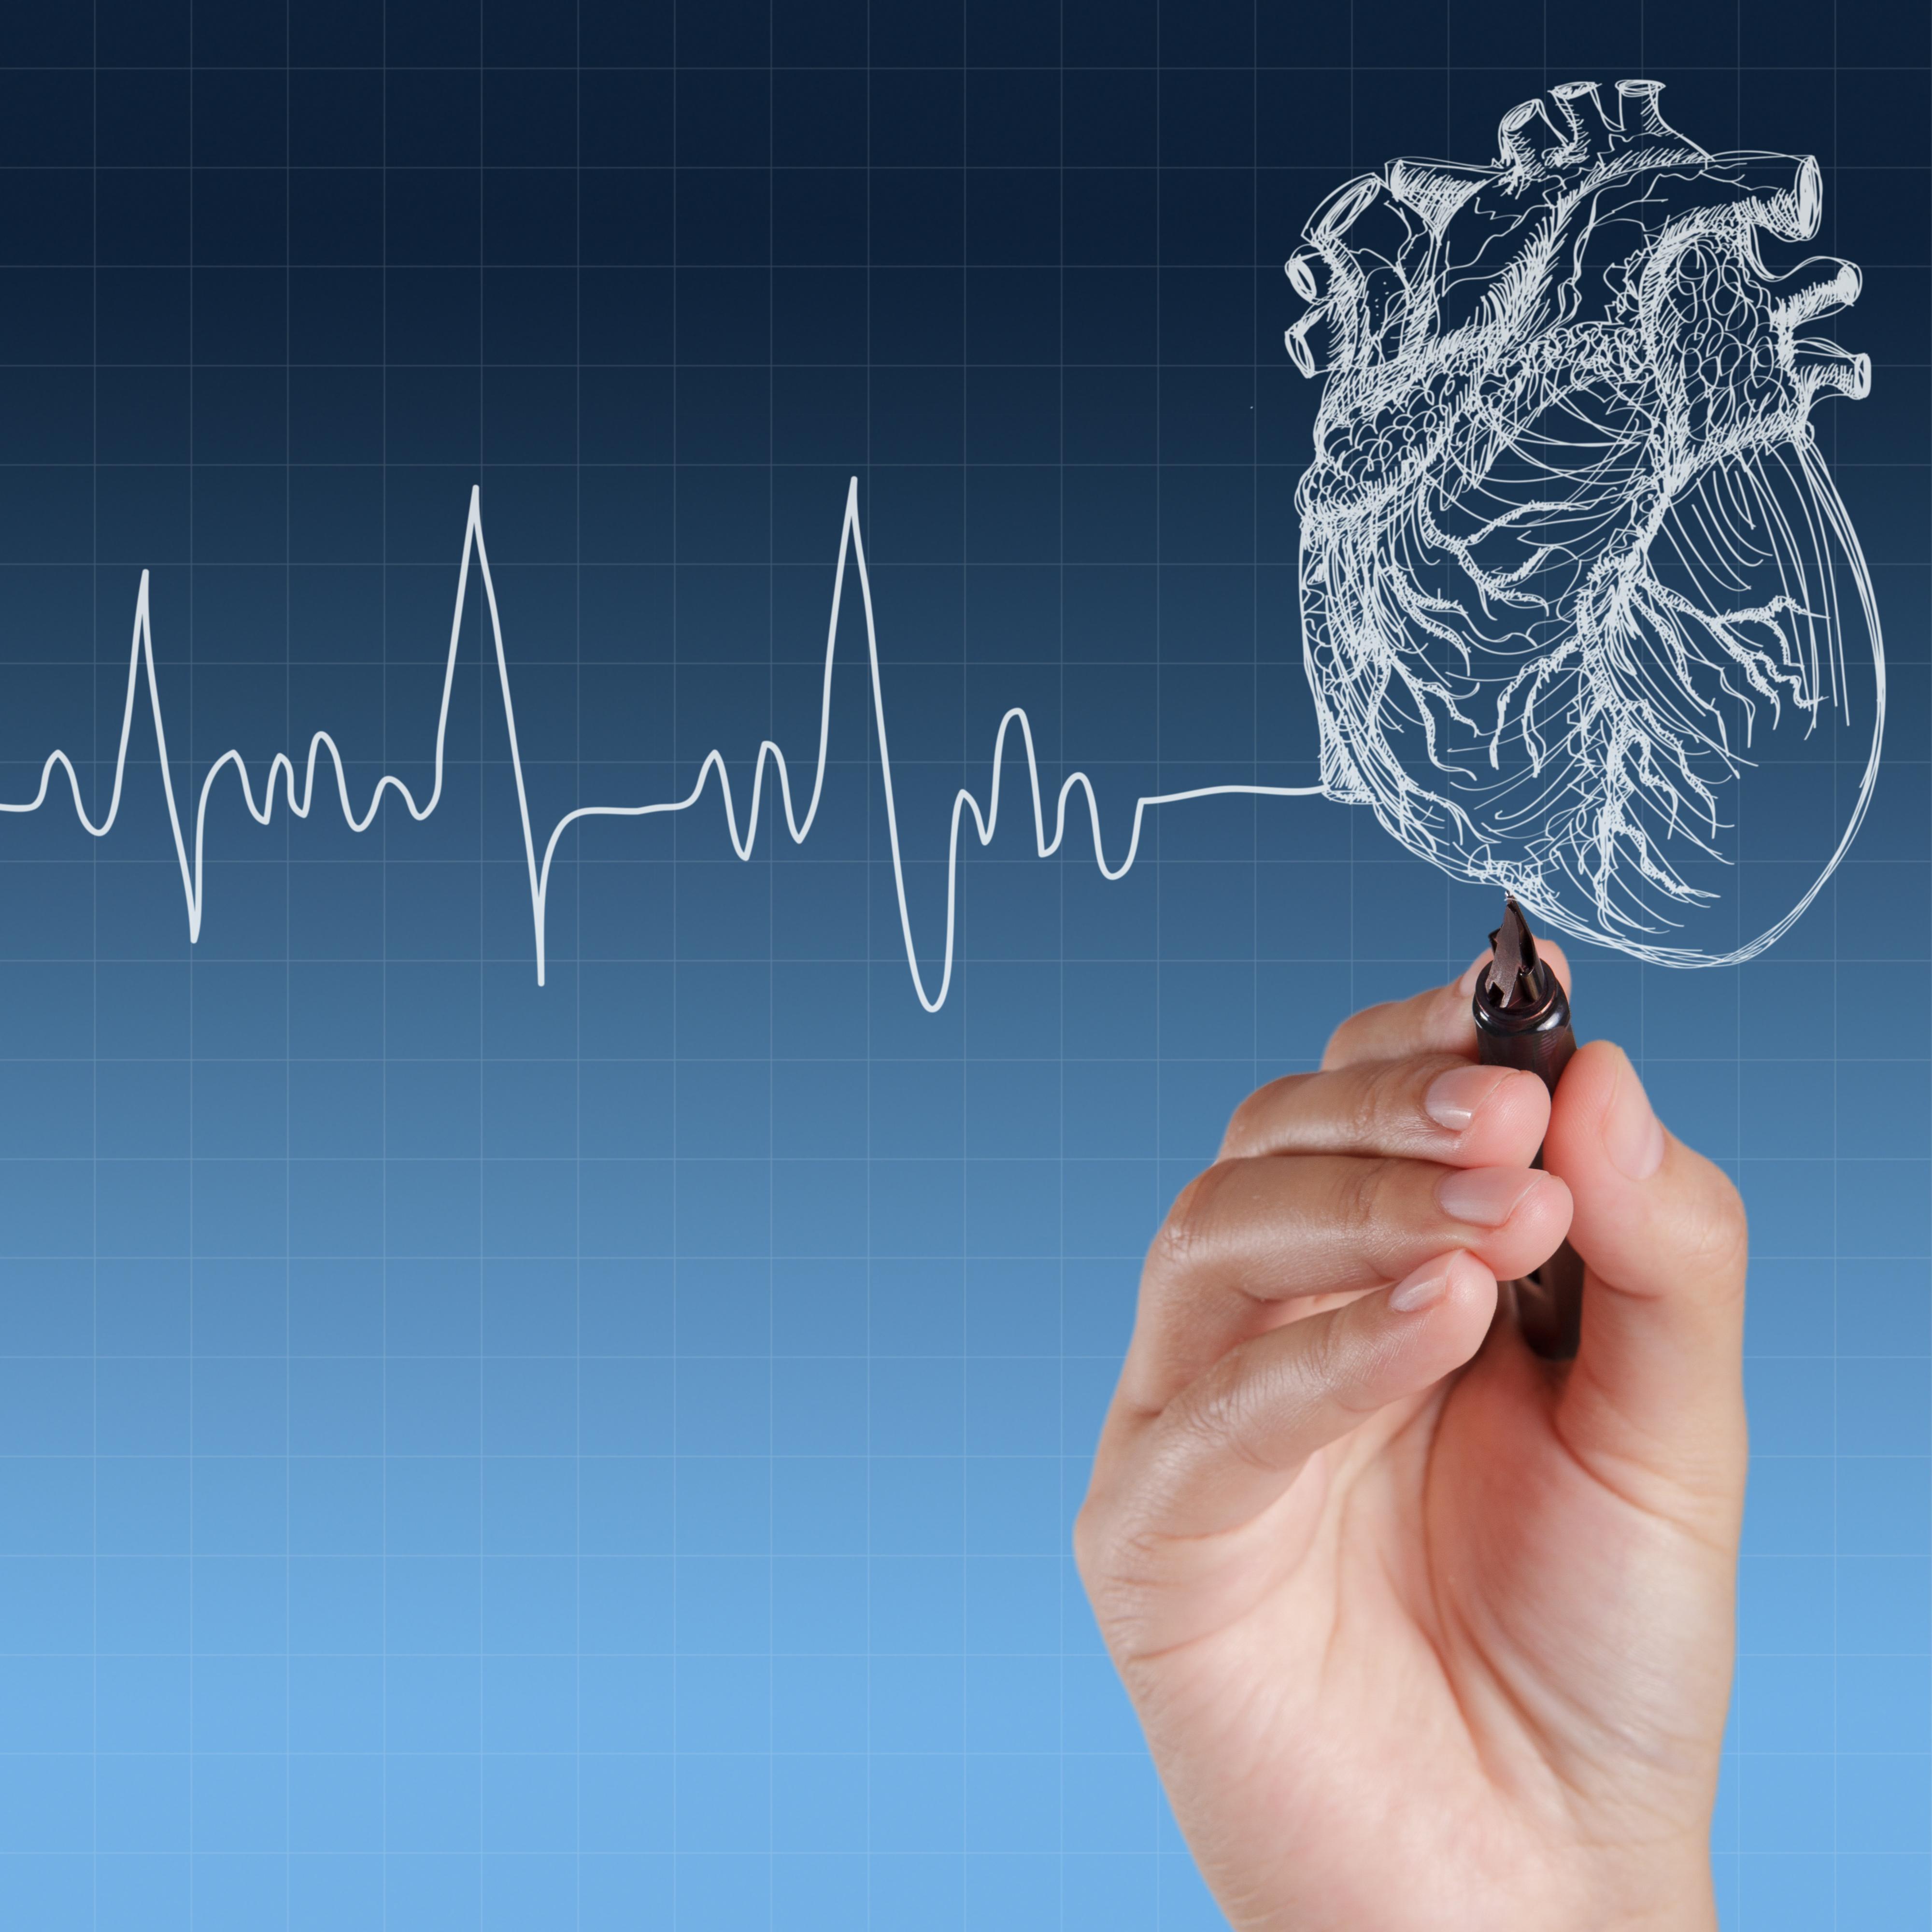 سرعة ضربات القلب أسبابها وعلاجها وطرق الوقاية منها ثقف نفسك